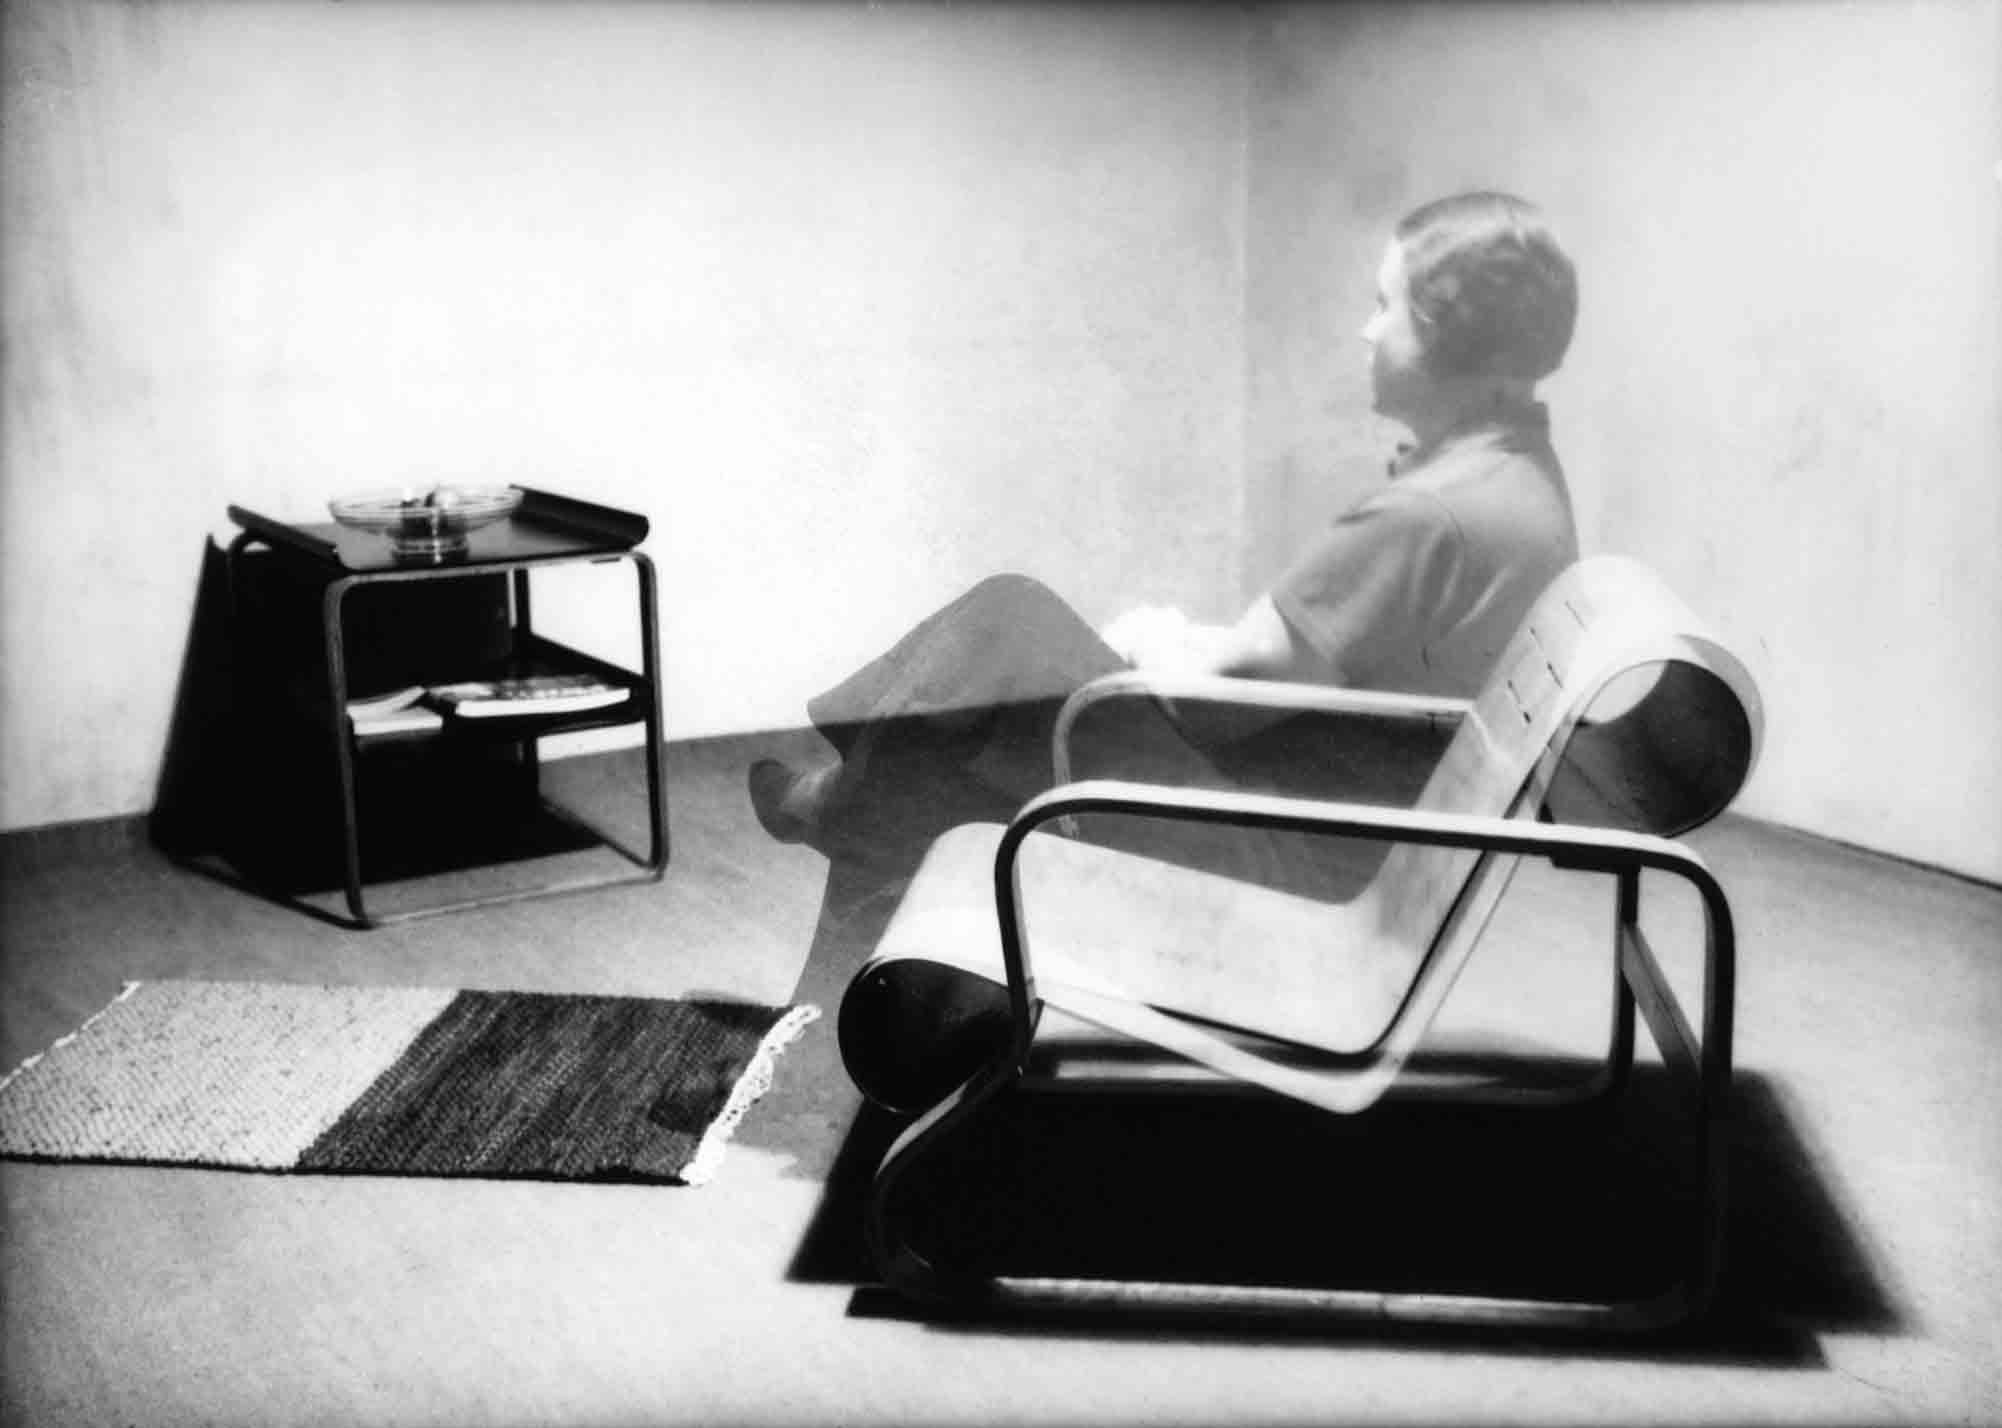 Aino Aalto assise dans son fauteuil ©Alvar Aalto Museum, Artek Collection, VG Bild-Kunst, Bonn, 2014